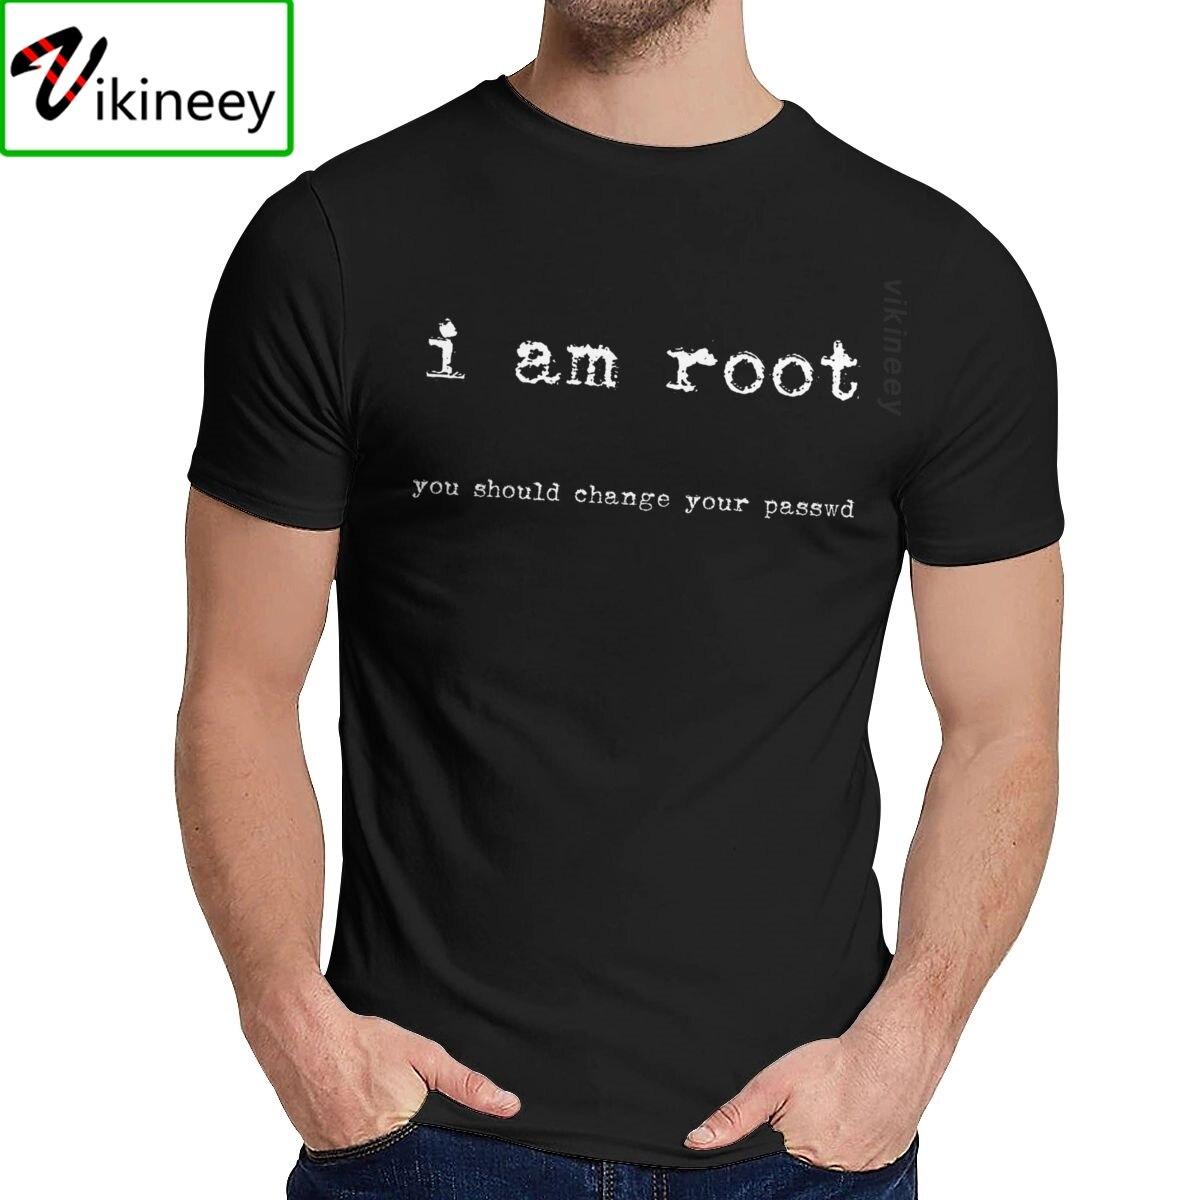 O-Cuello estoy raíz Ubuntu de línea de comando Linux Unix Hacking Camiseta Unisex Popular de algodón Natural La Camiseta gran oferta